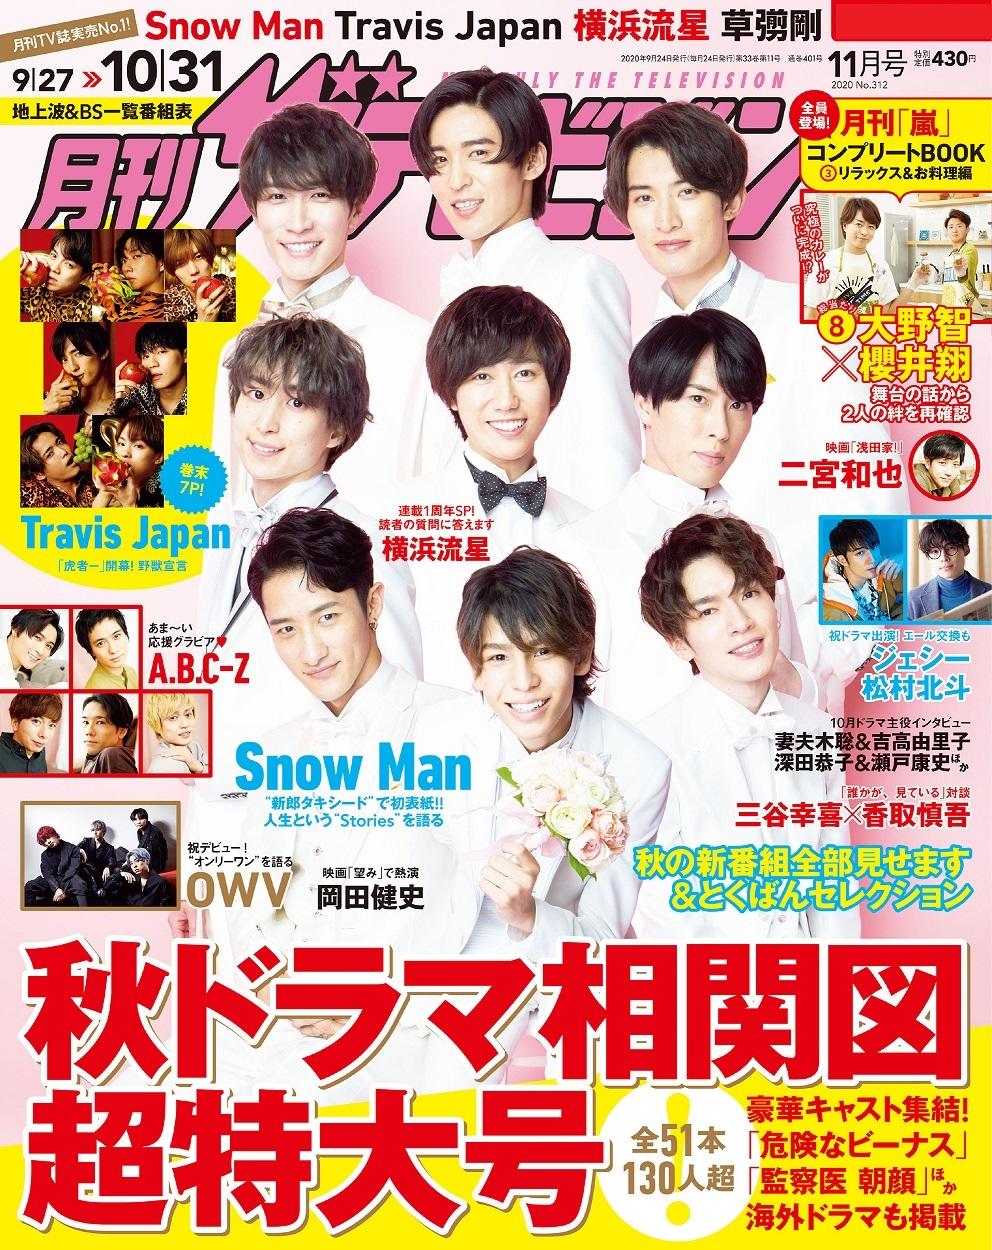 月刊ザテレビジョン 北海道版 2020年11月号